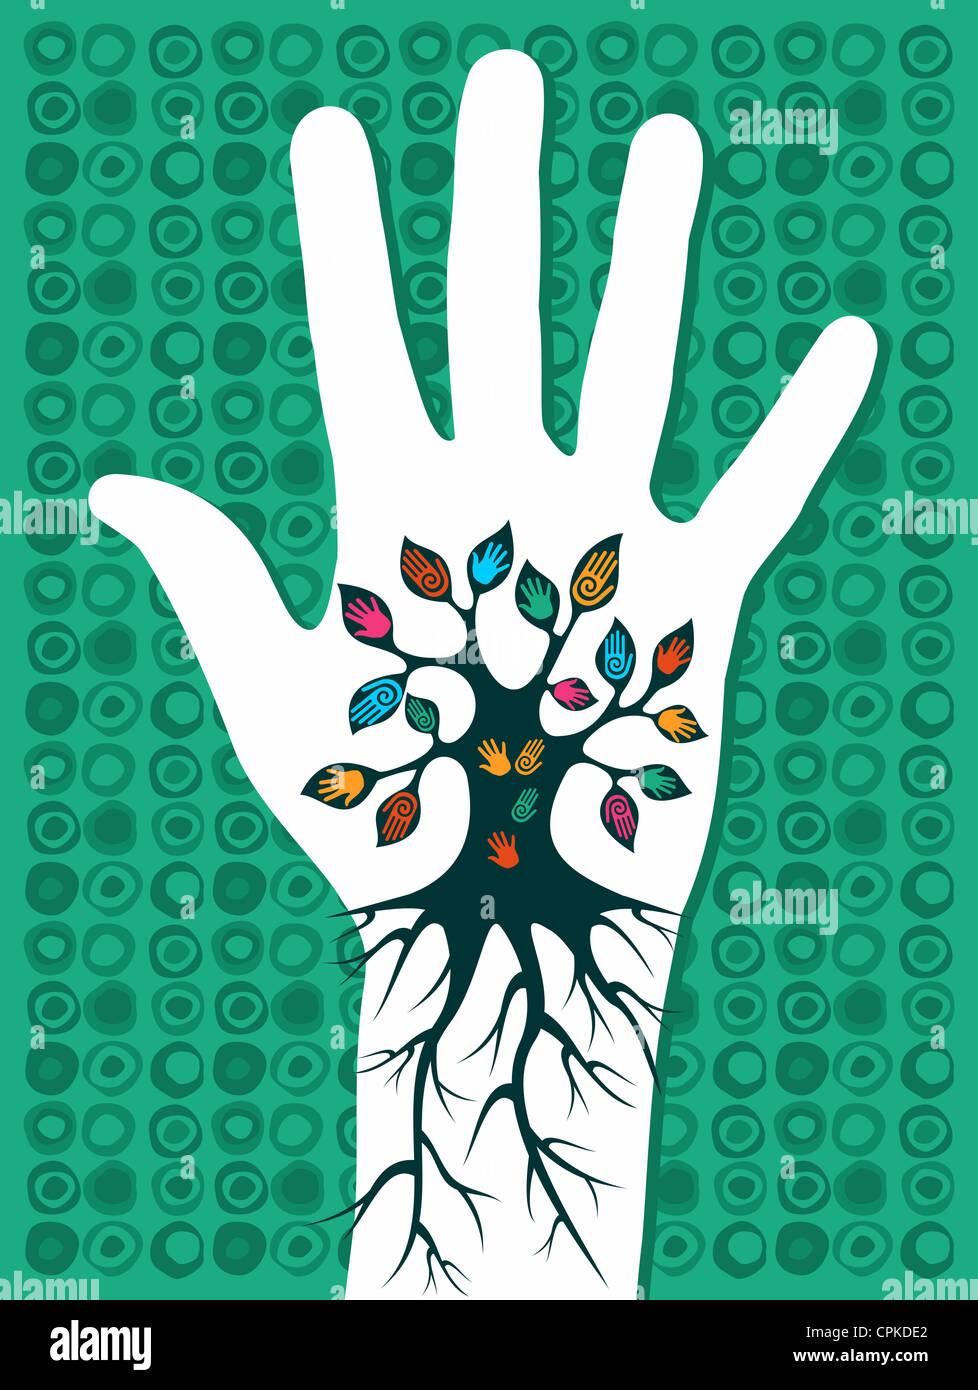 Vaya concepto verde árbol en mano con raíces como venas. Capas de archivo vectorial para una manipulación Imagen De Stock